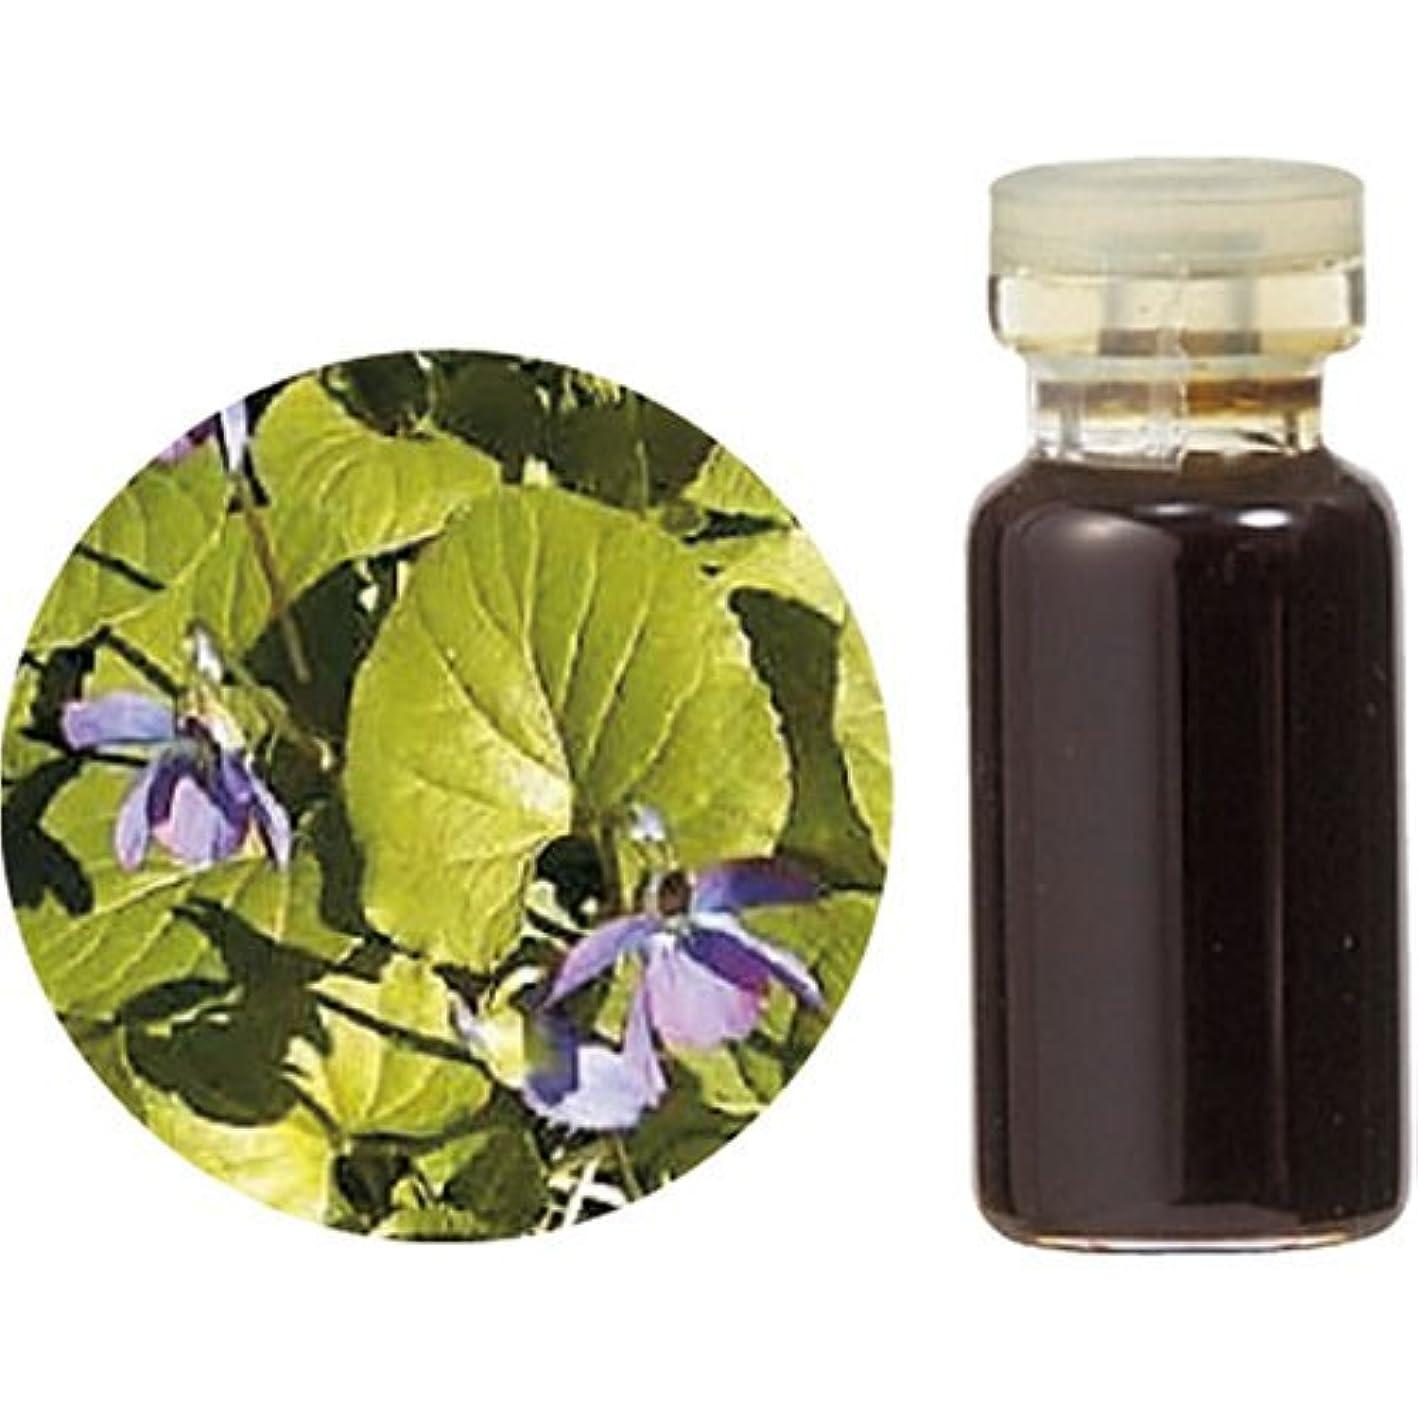 グリース味付け対処生活の木 C 花精油 バイオレット リーフ アブソリュート エッセンシャルオイル 3ml